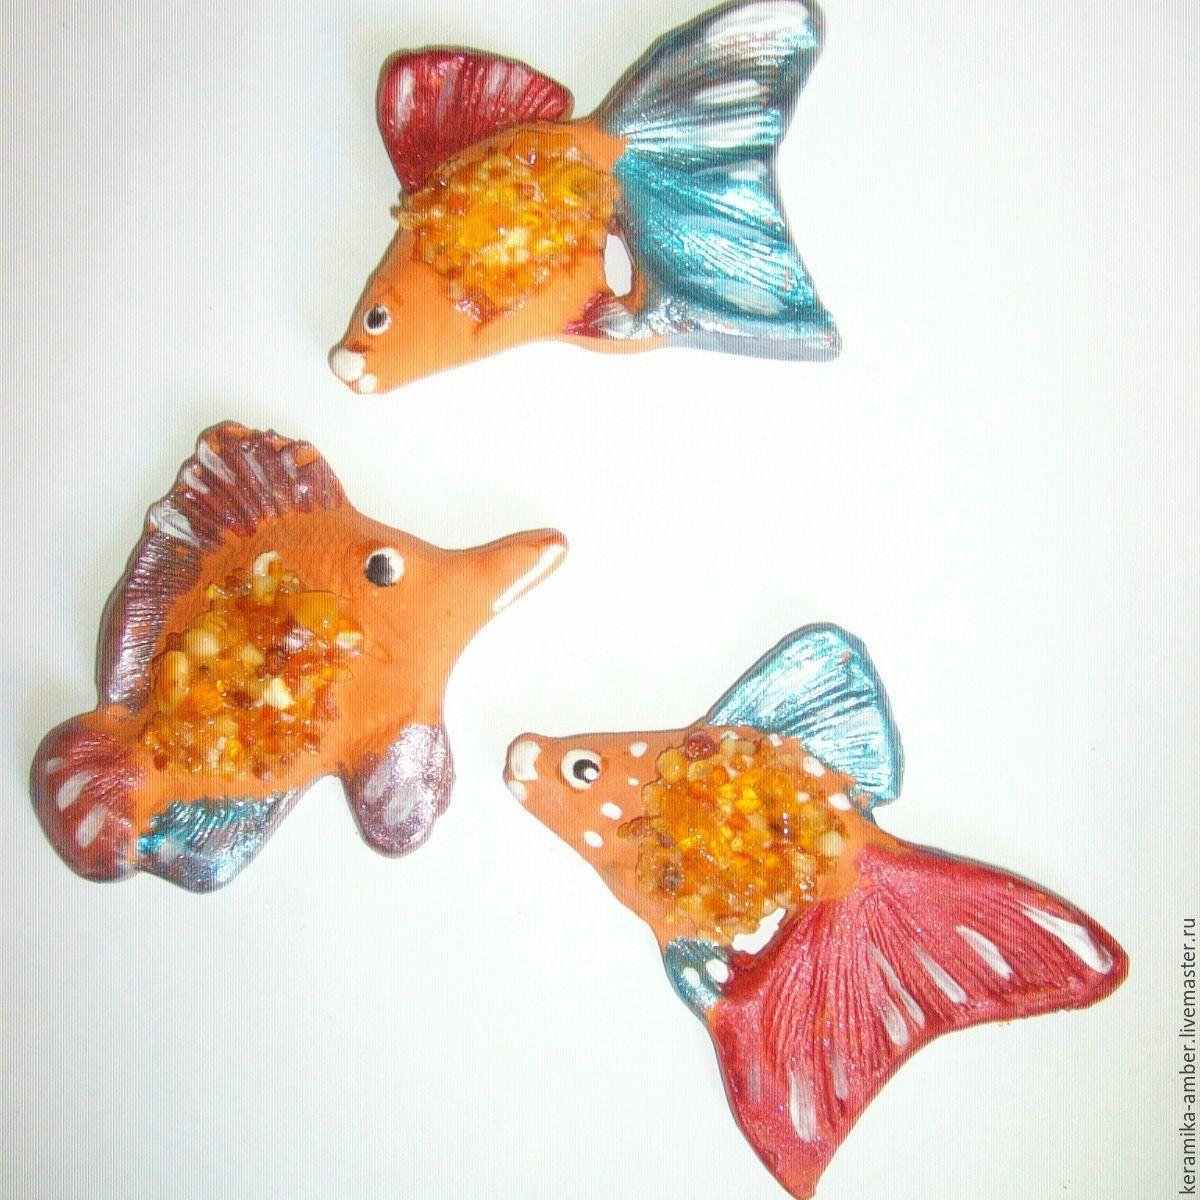 Подарок рыбка к чему это 770